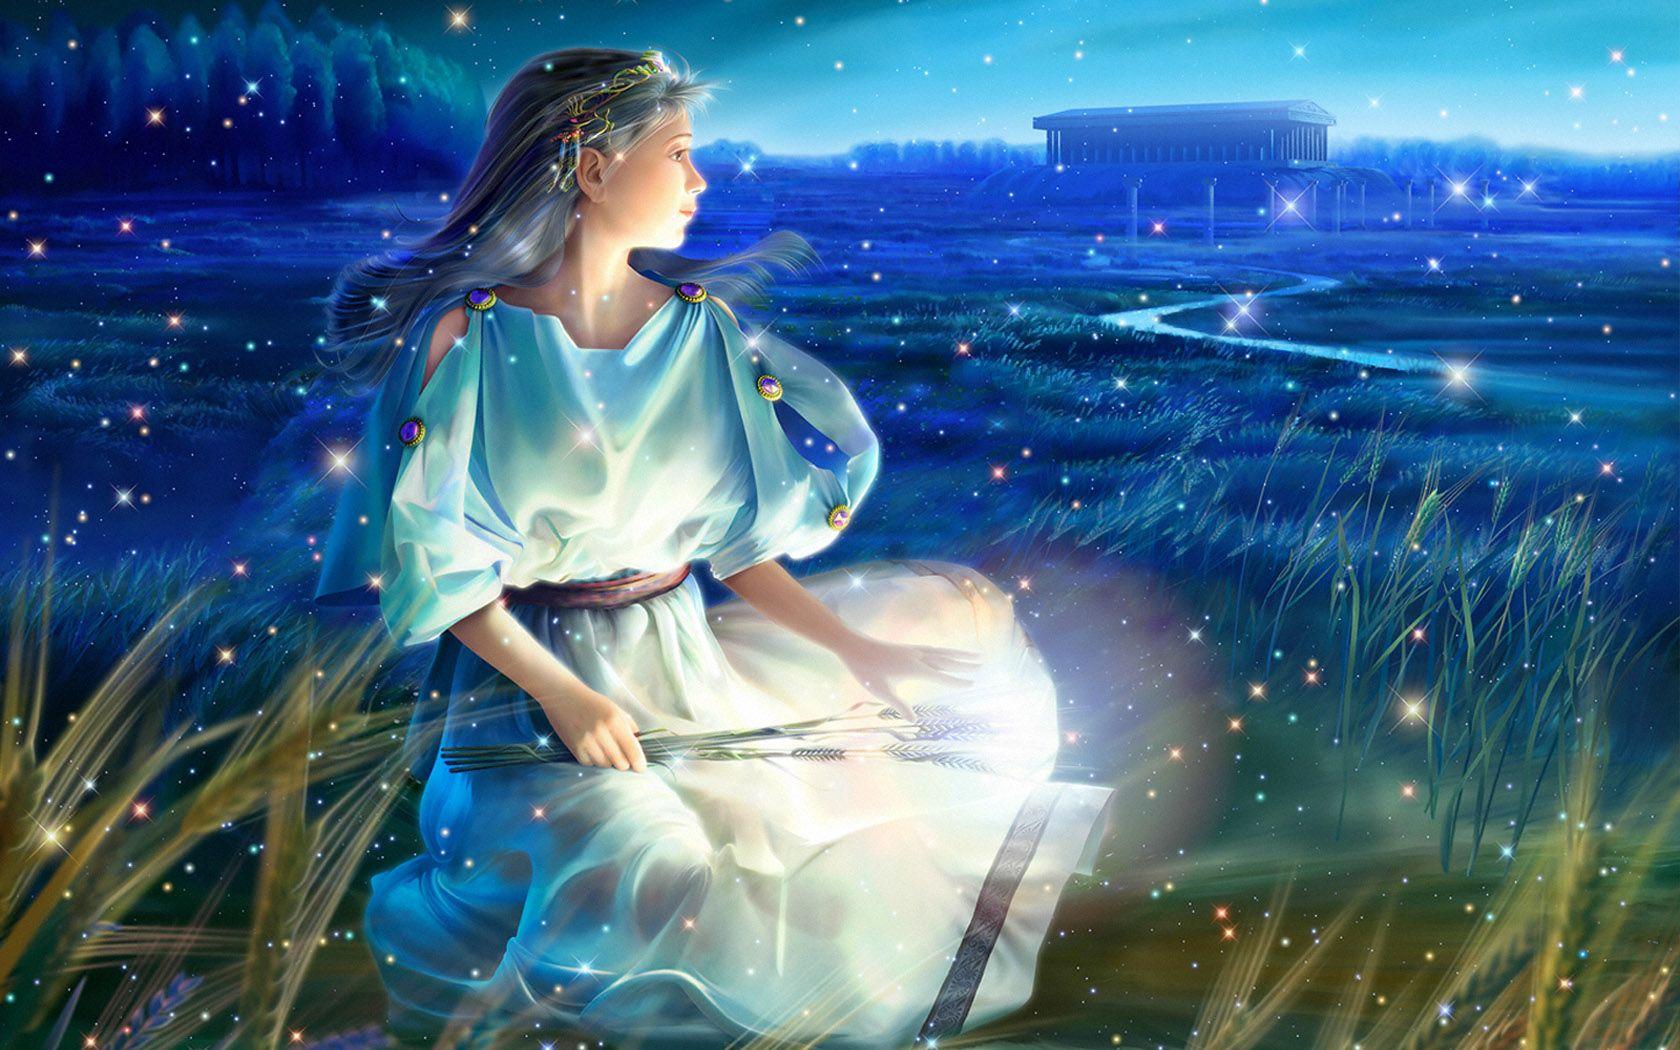 140109 十二星座的希腊传说高清图片